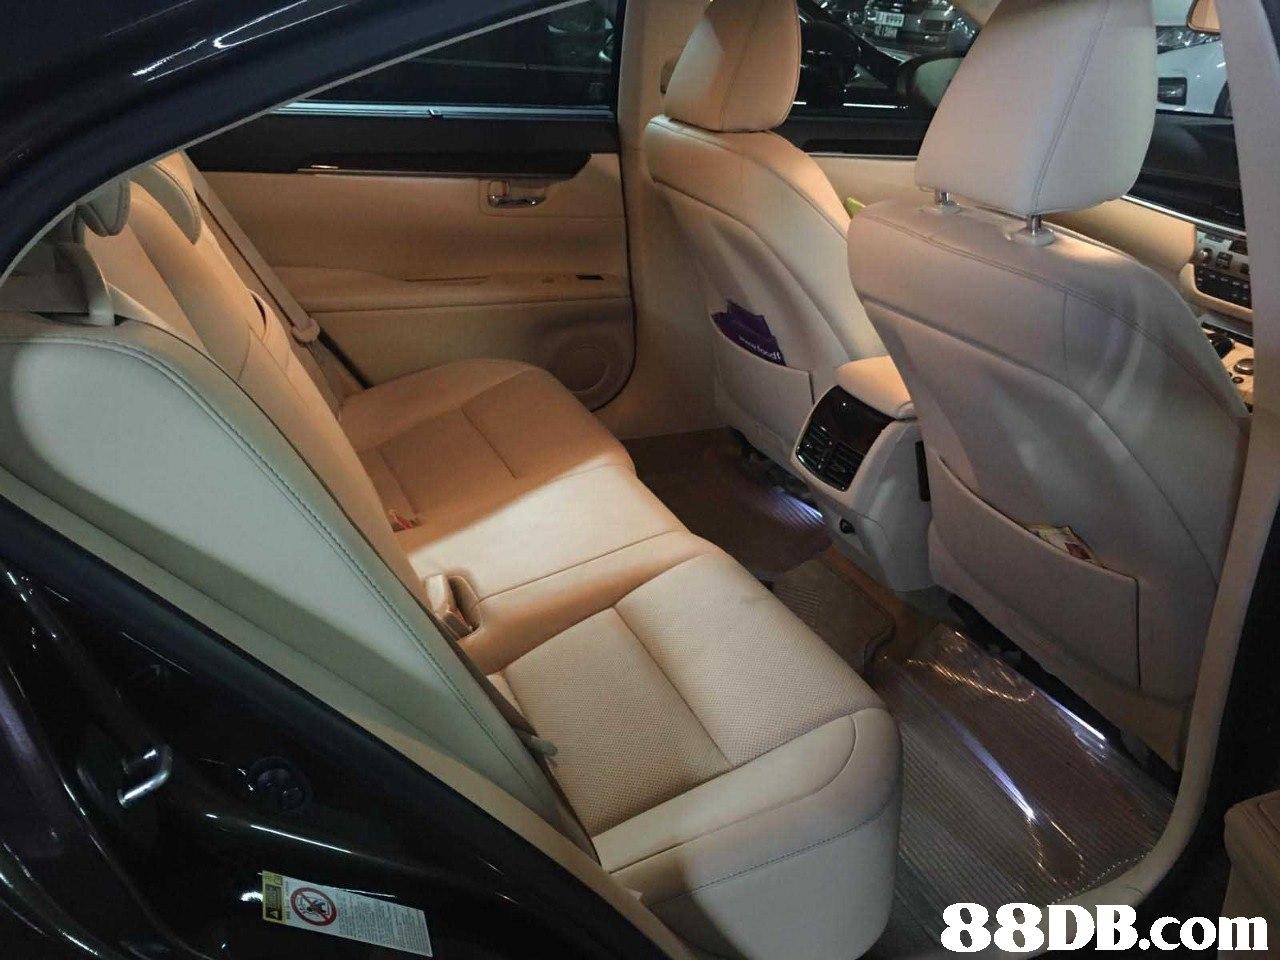 88DB.com  car